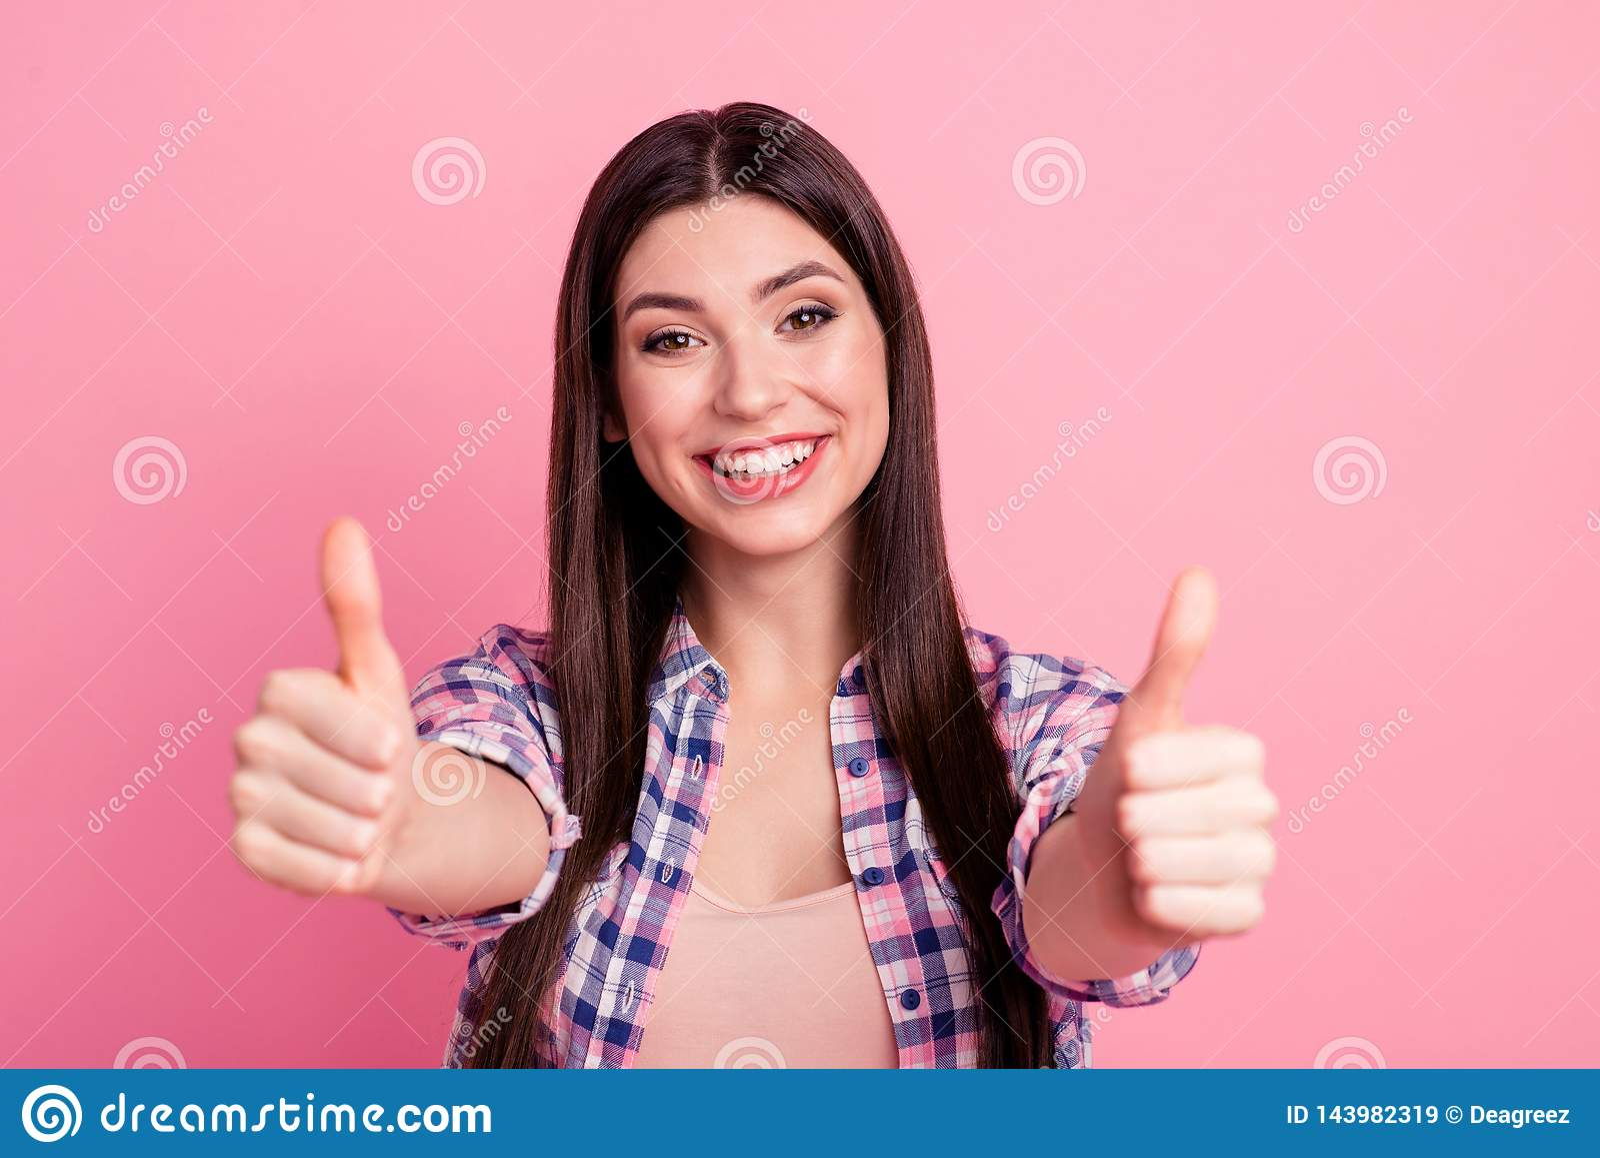 Slutet upp fantastiskt härligt hennes för foto testade hon tummen för damhandarmar som lyfttes upp krimskrams, kvalitets- bra job